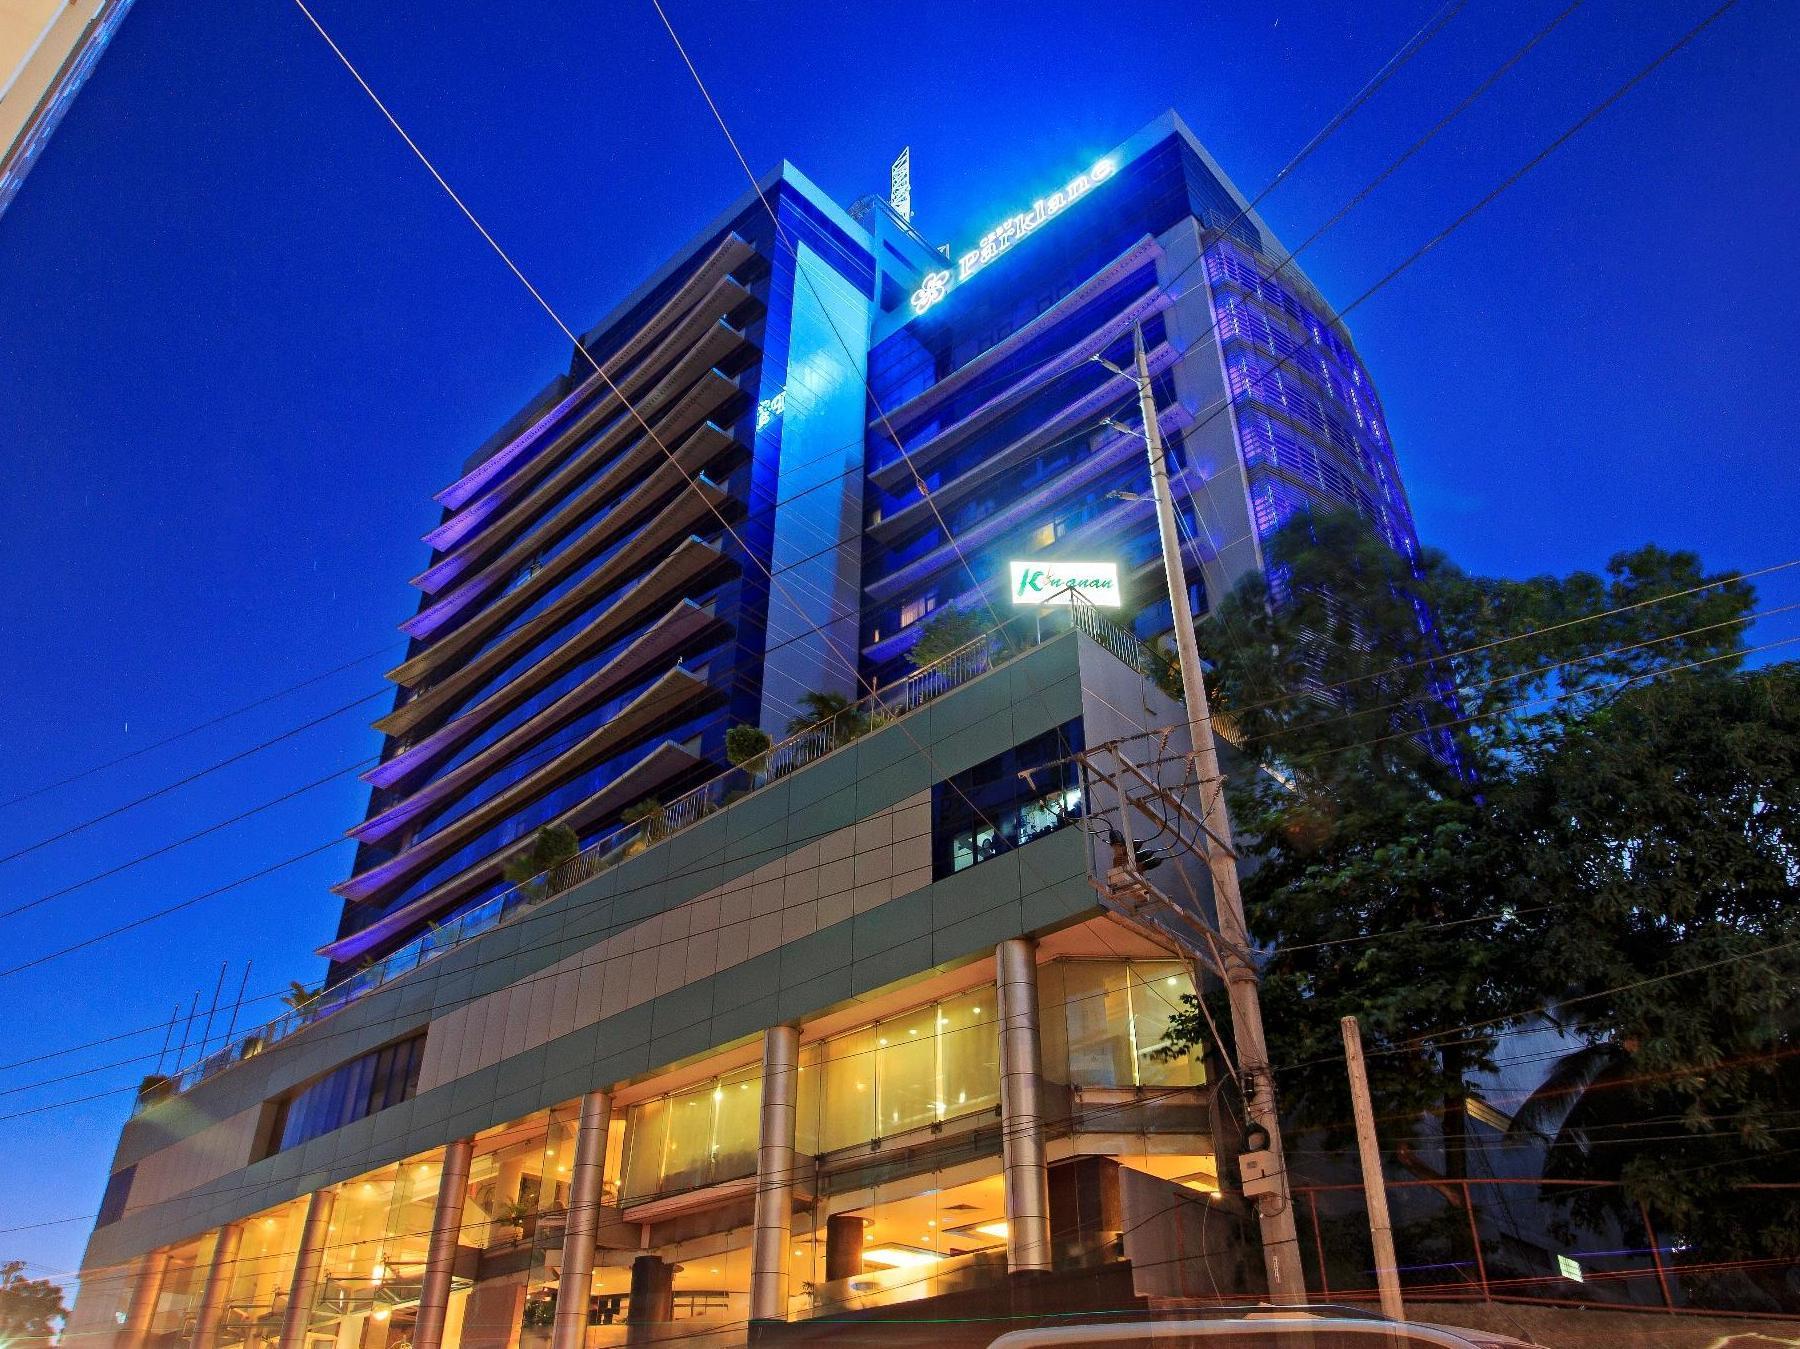 Cebu parklane international hotel cebu city cebu for Hotel international